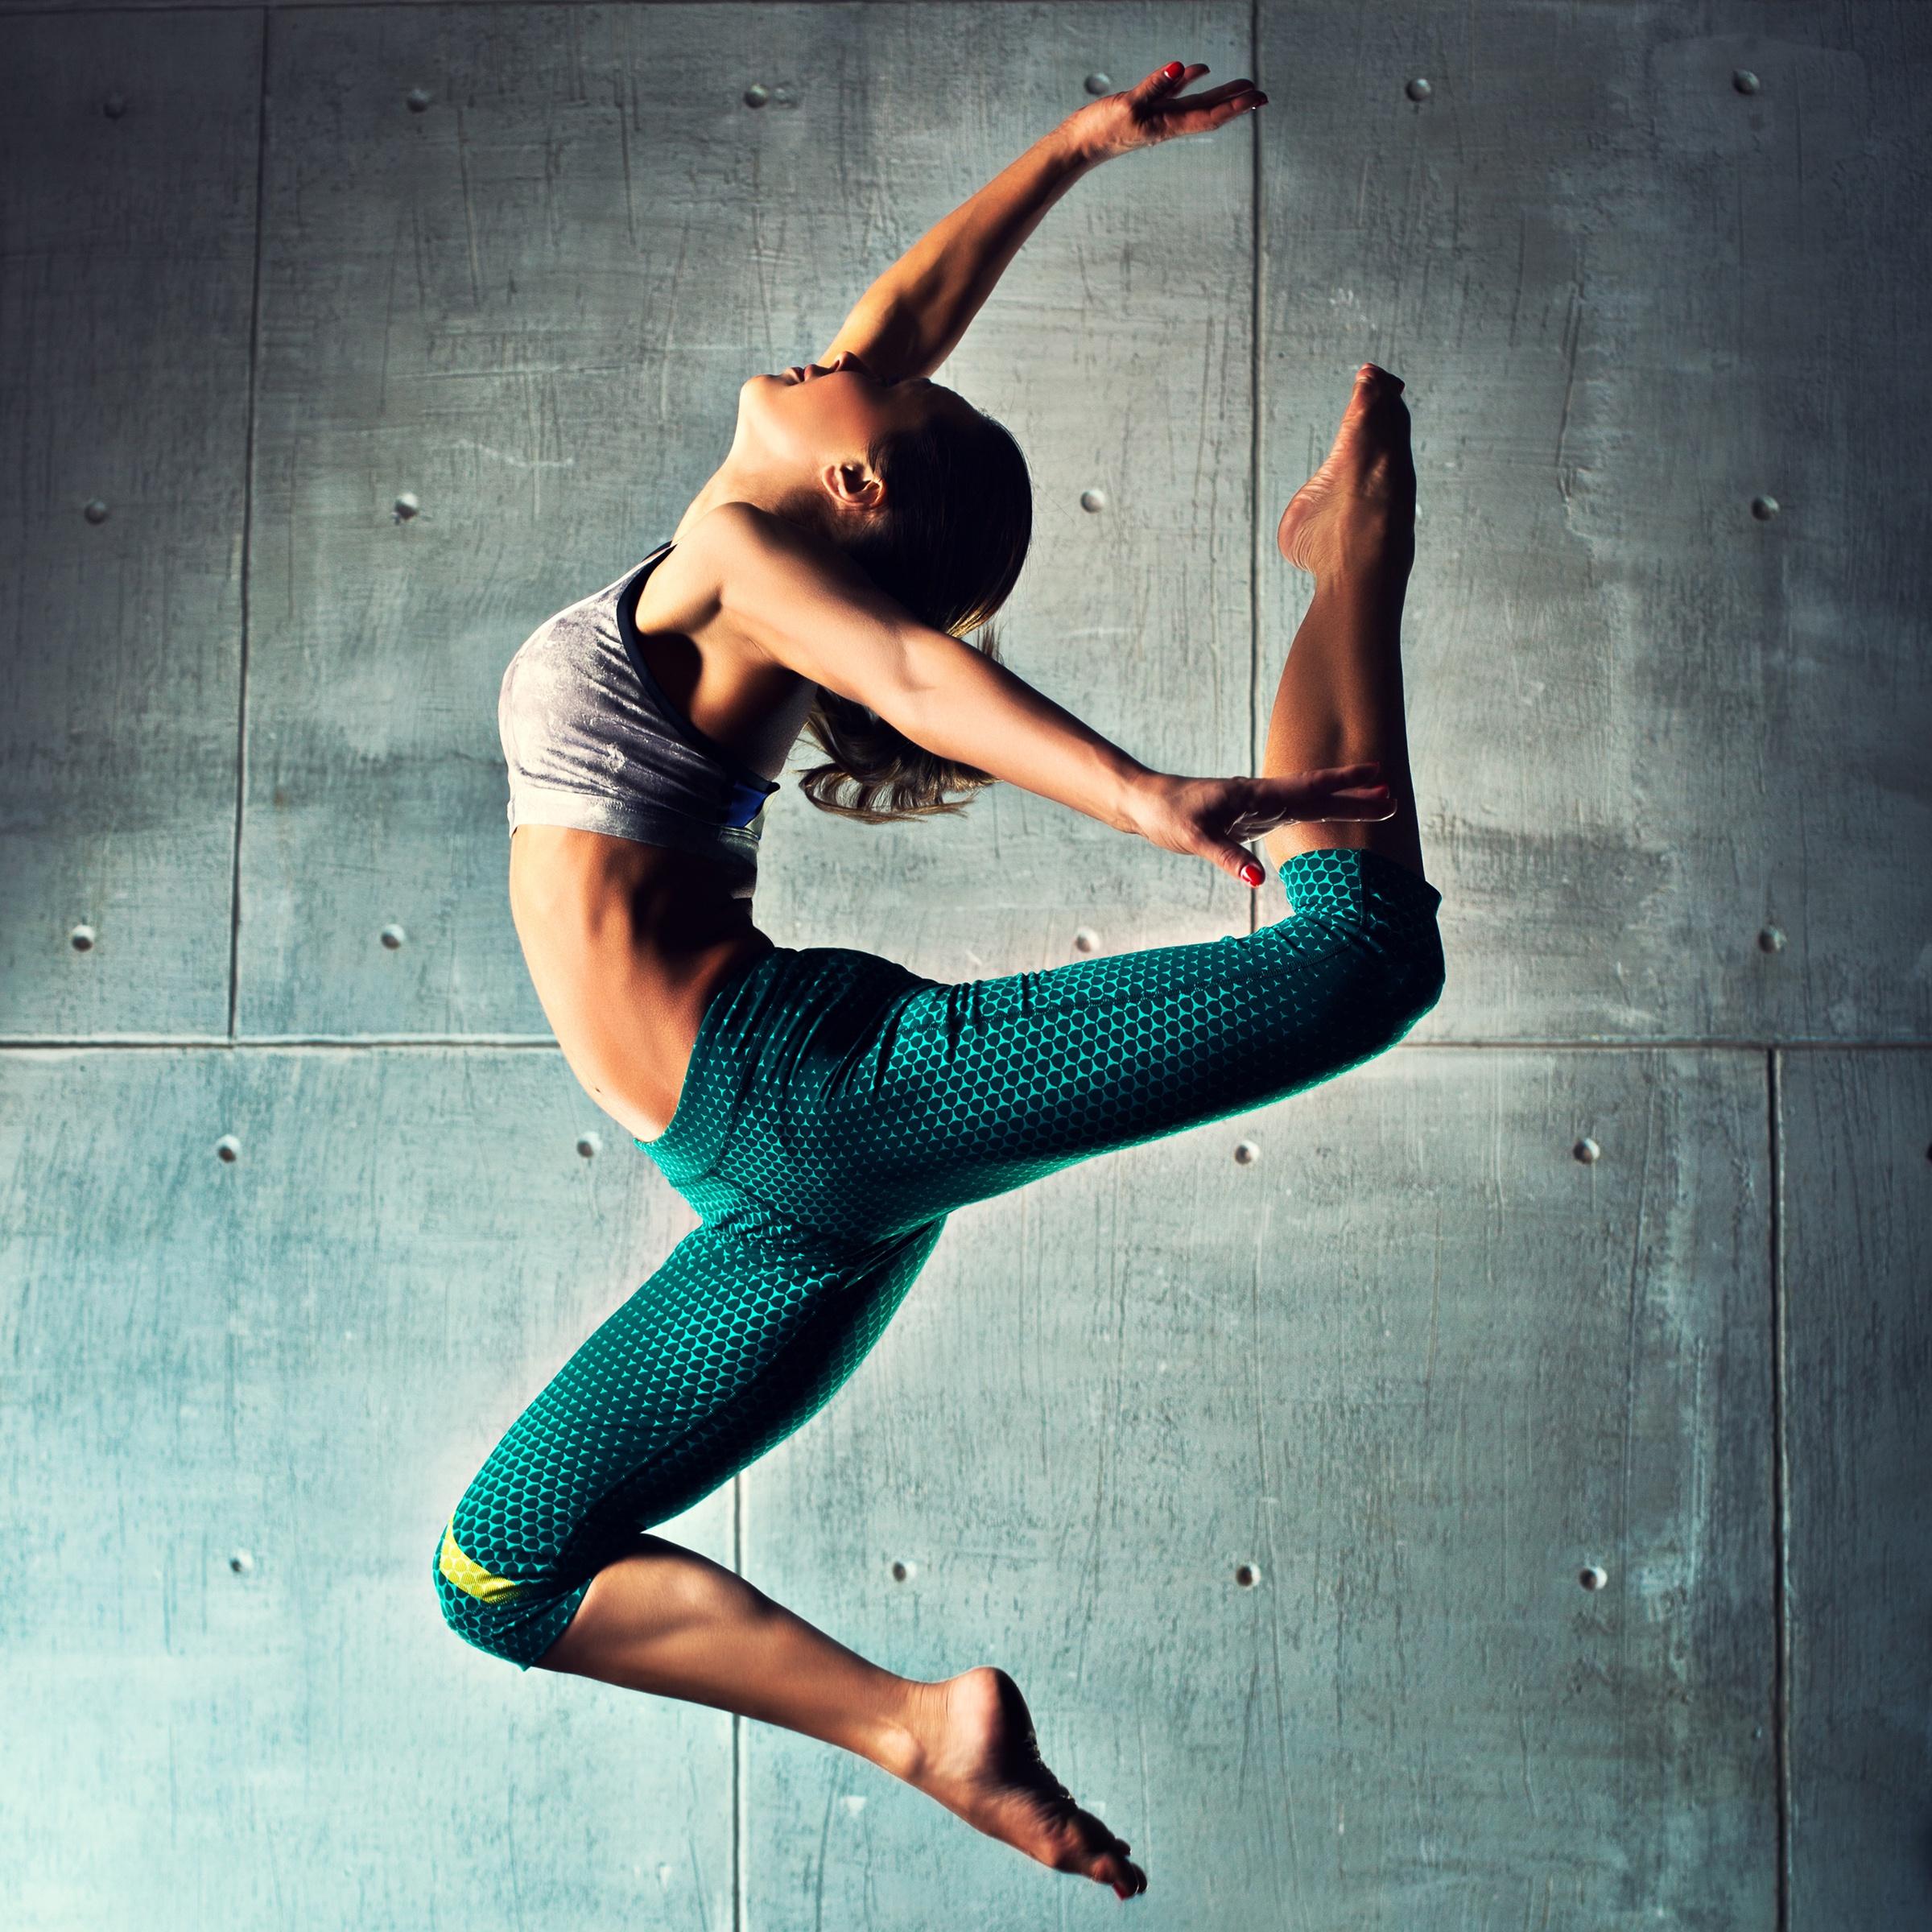 девушка тансовщится прыжок - 8